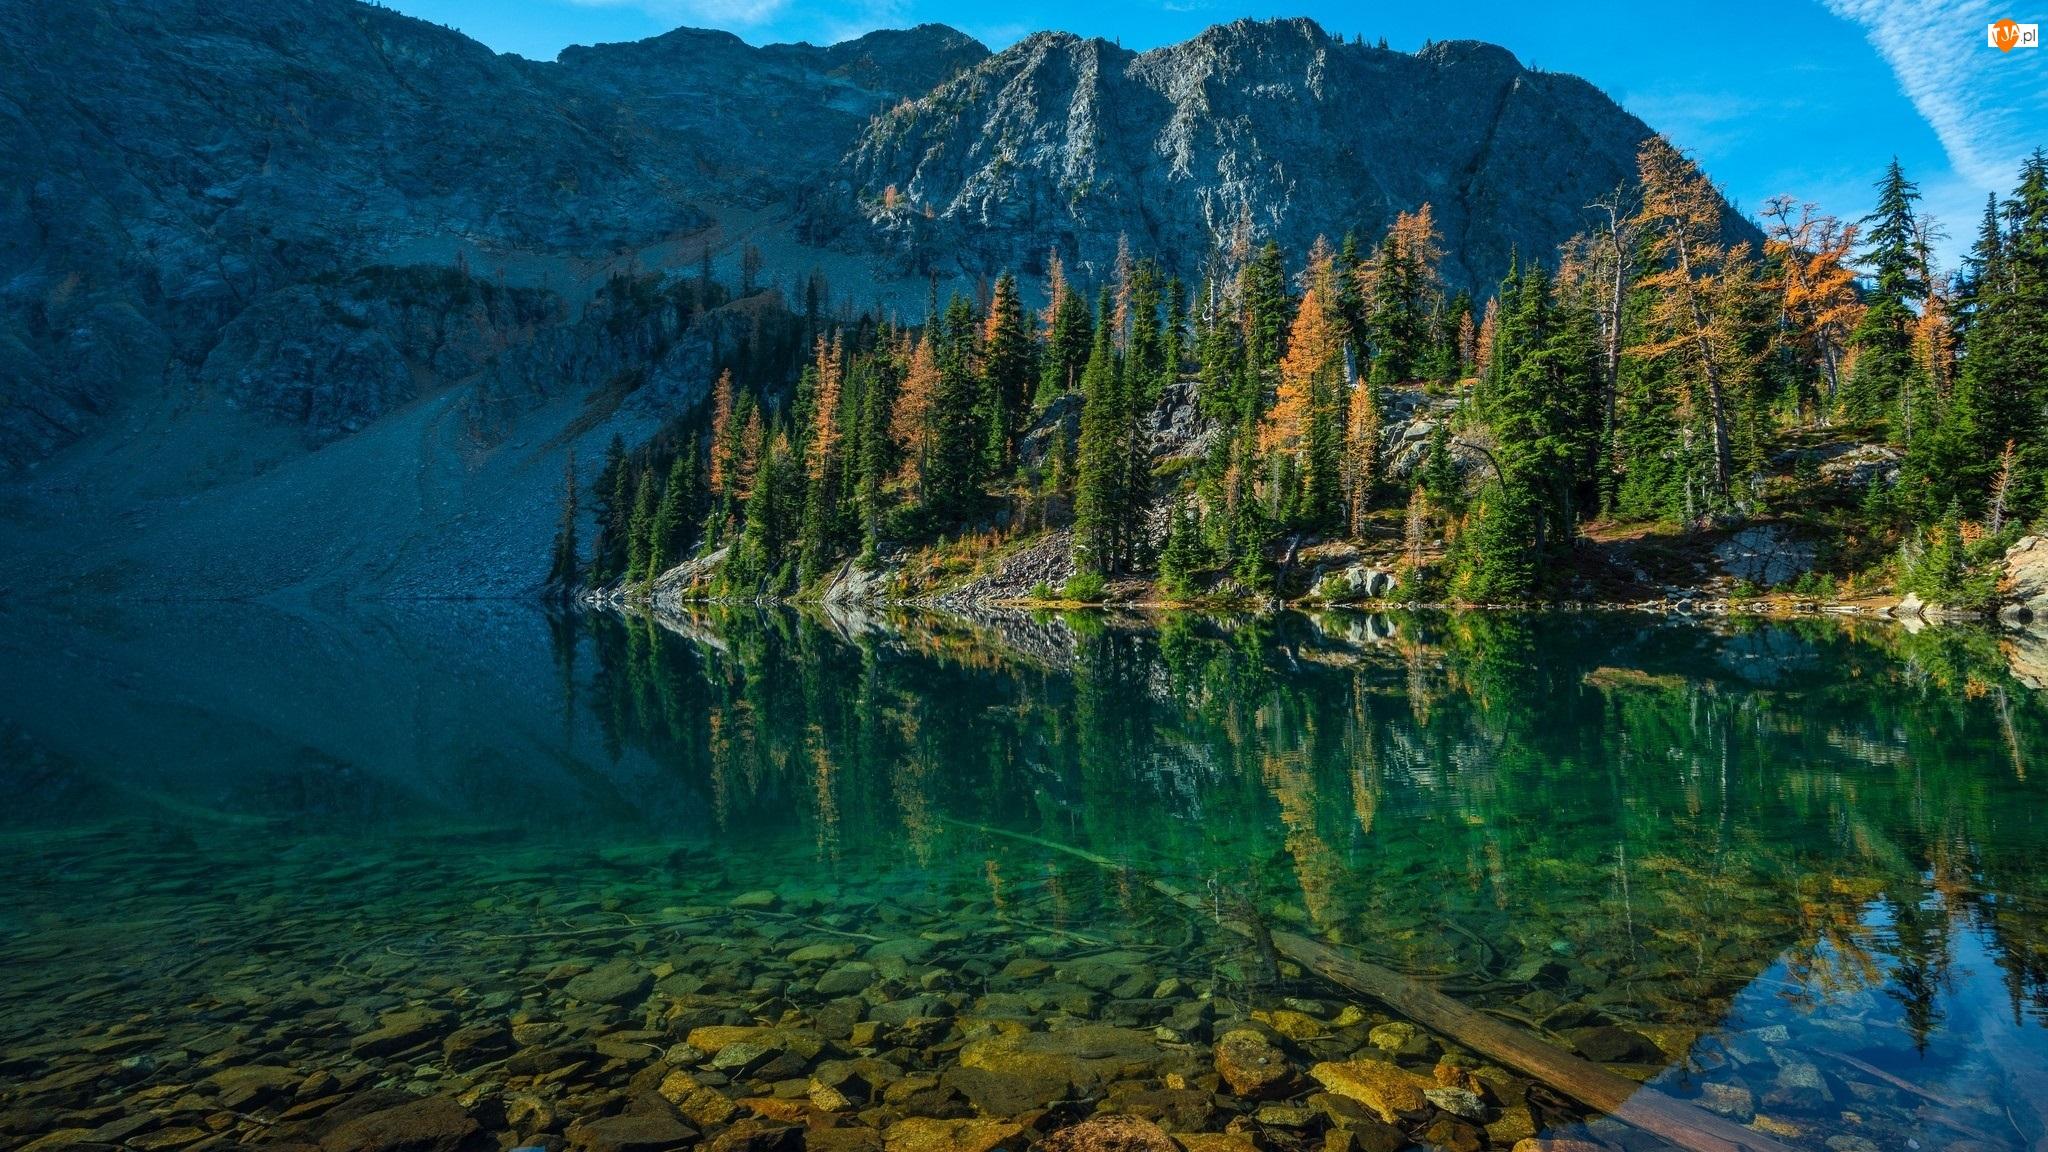 Jezioro, Góry, Drzewa, Odbicie, Kamienie, Świerki